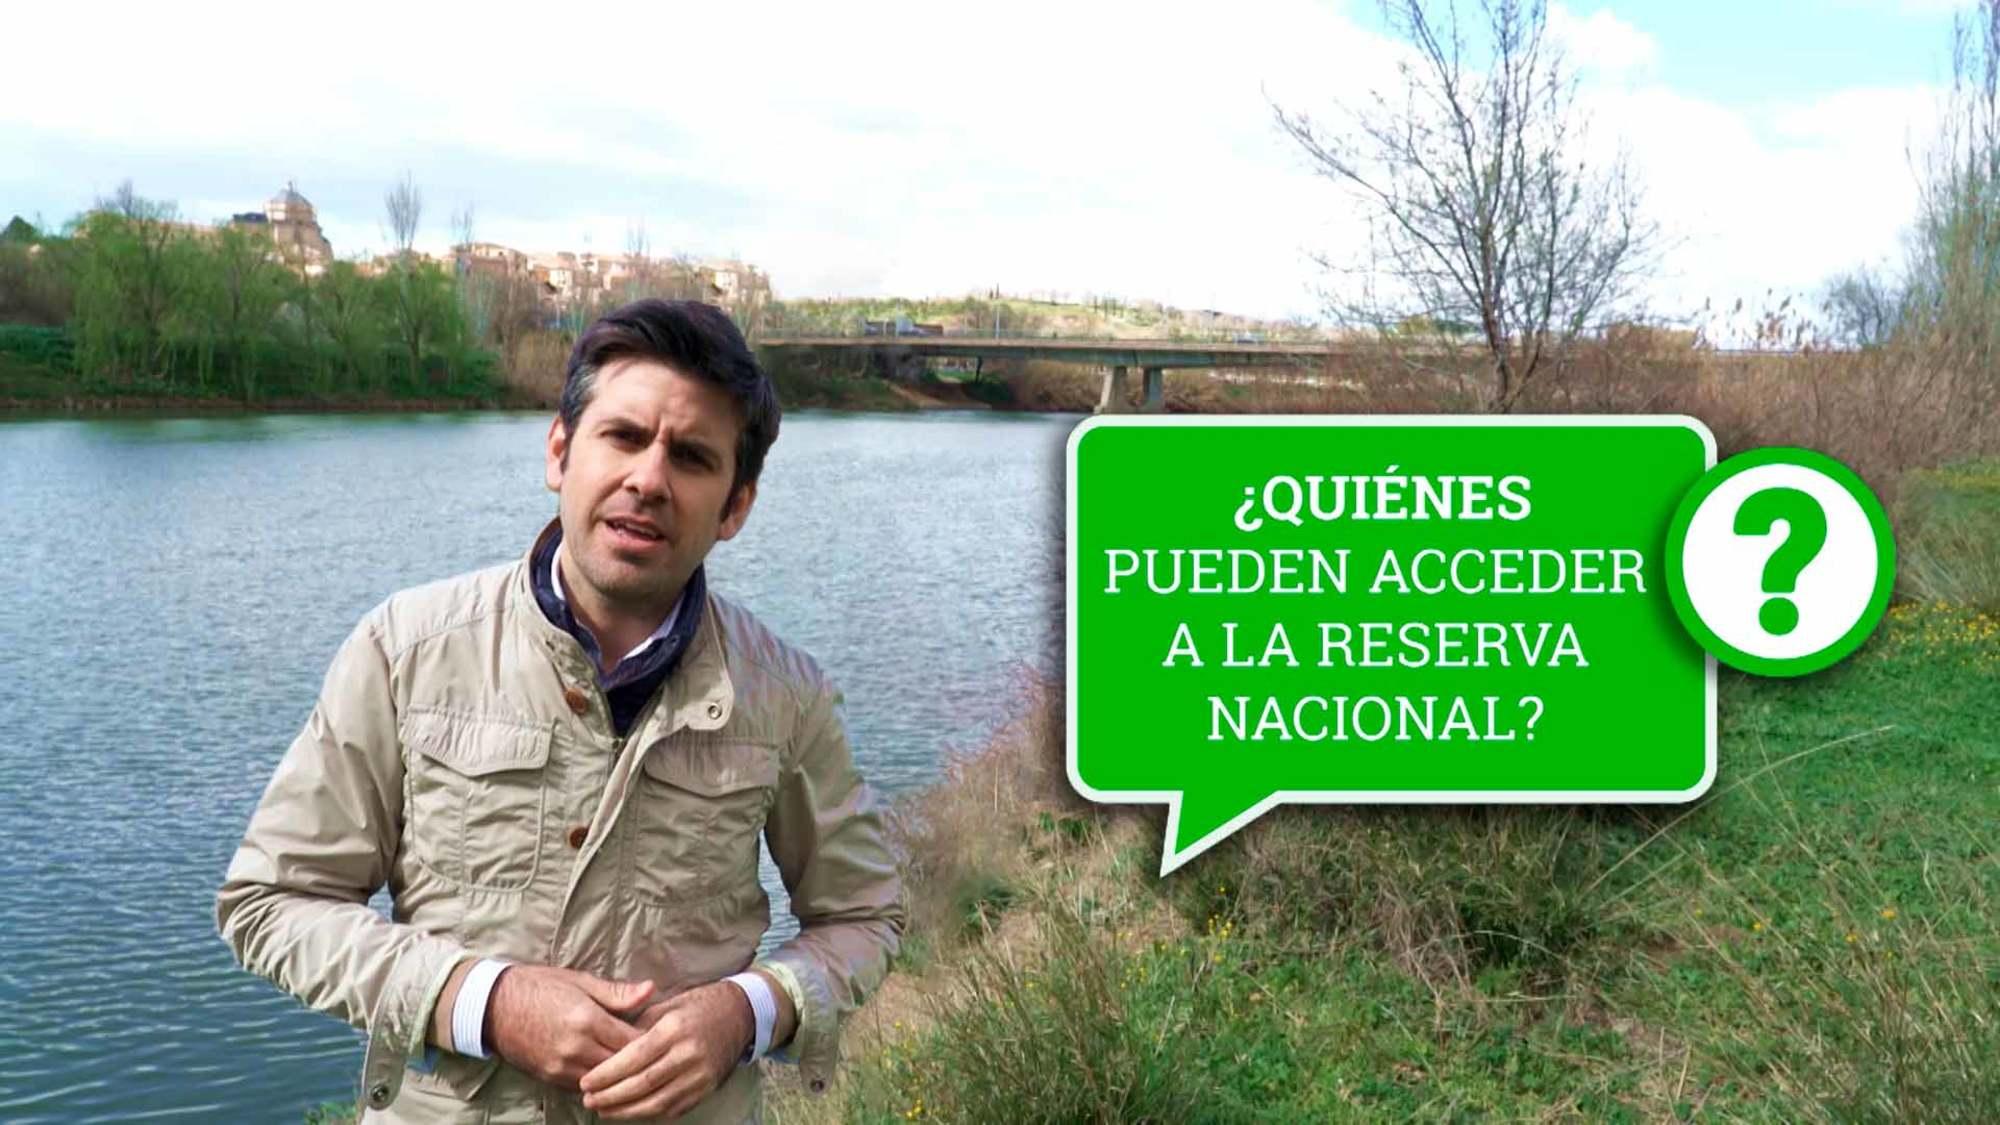 Beneficiarios del acceso a la Reserva Nacional 2020. Plazos. Criterios. Requisitos.